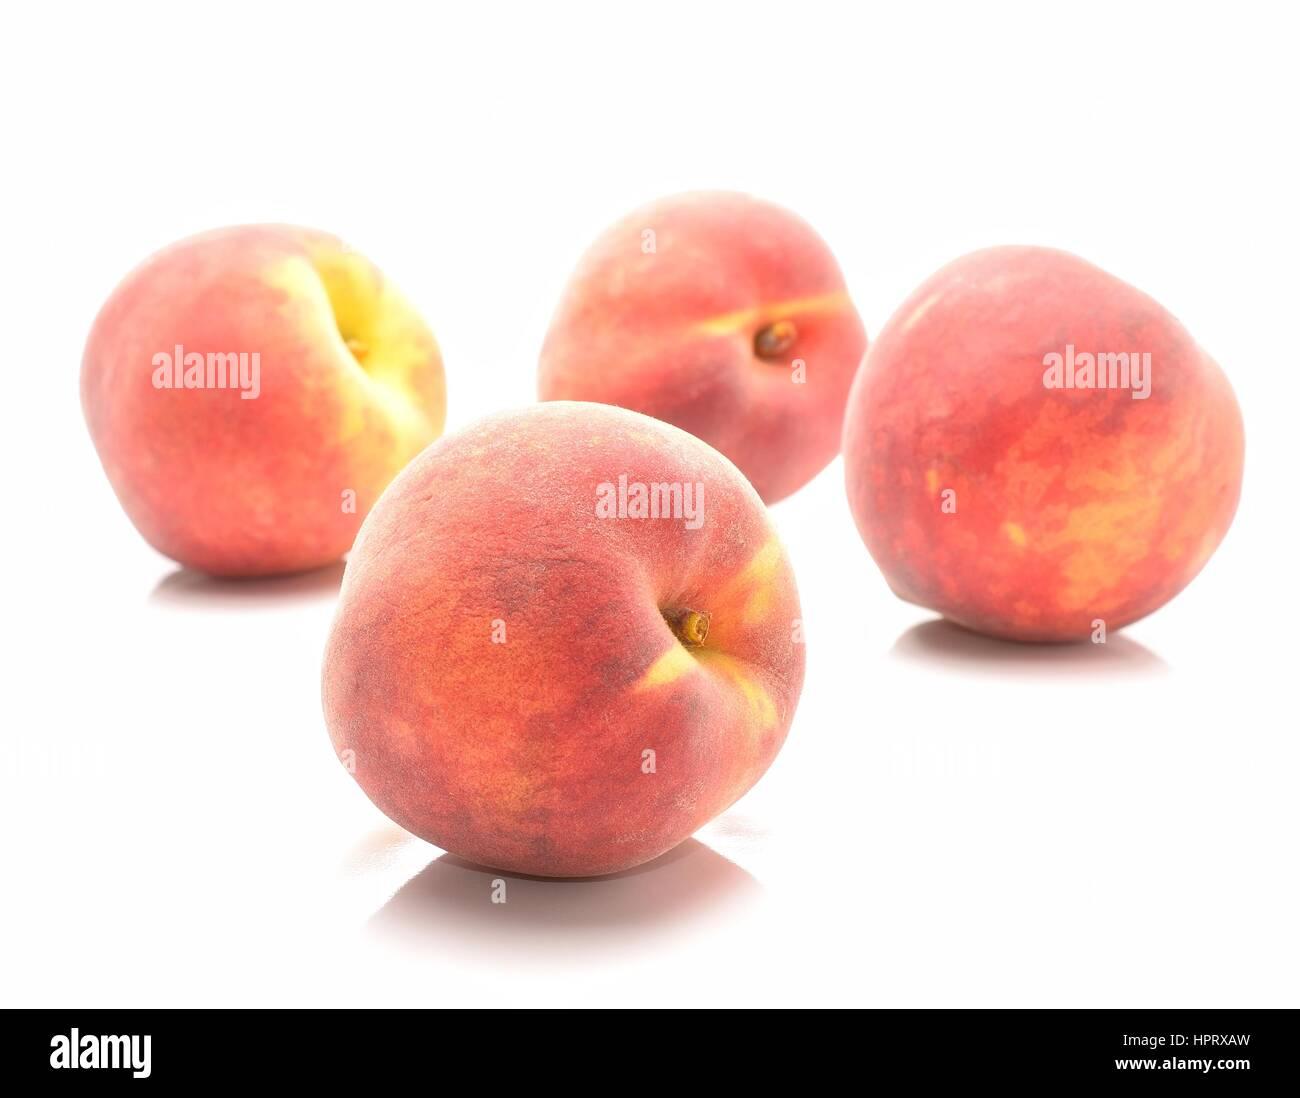 Ripe peach fruit isolated on white background - Stock Image